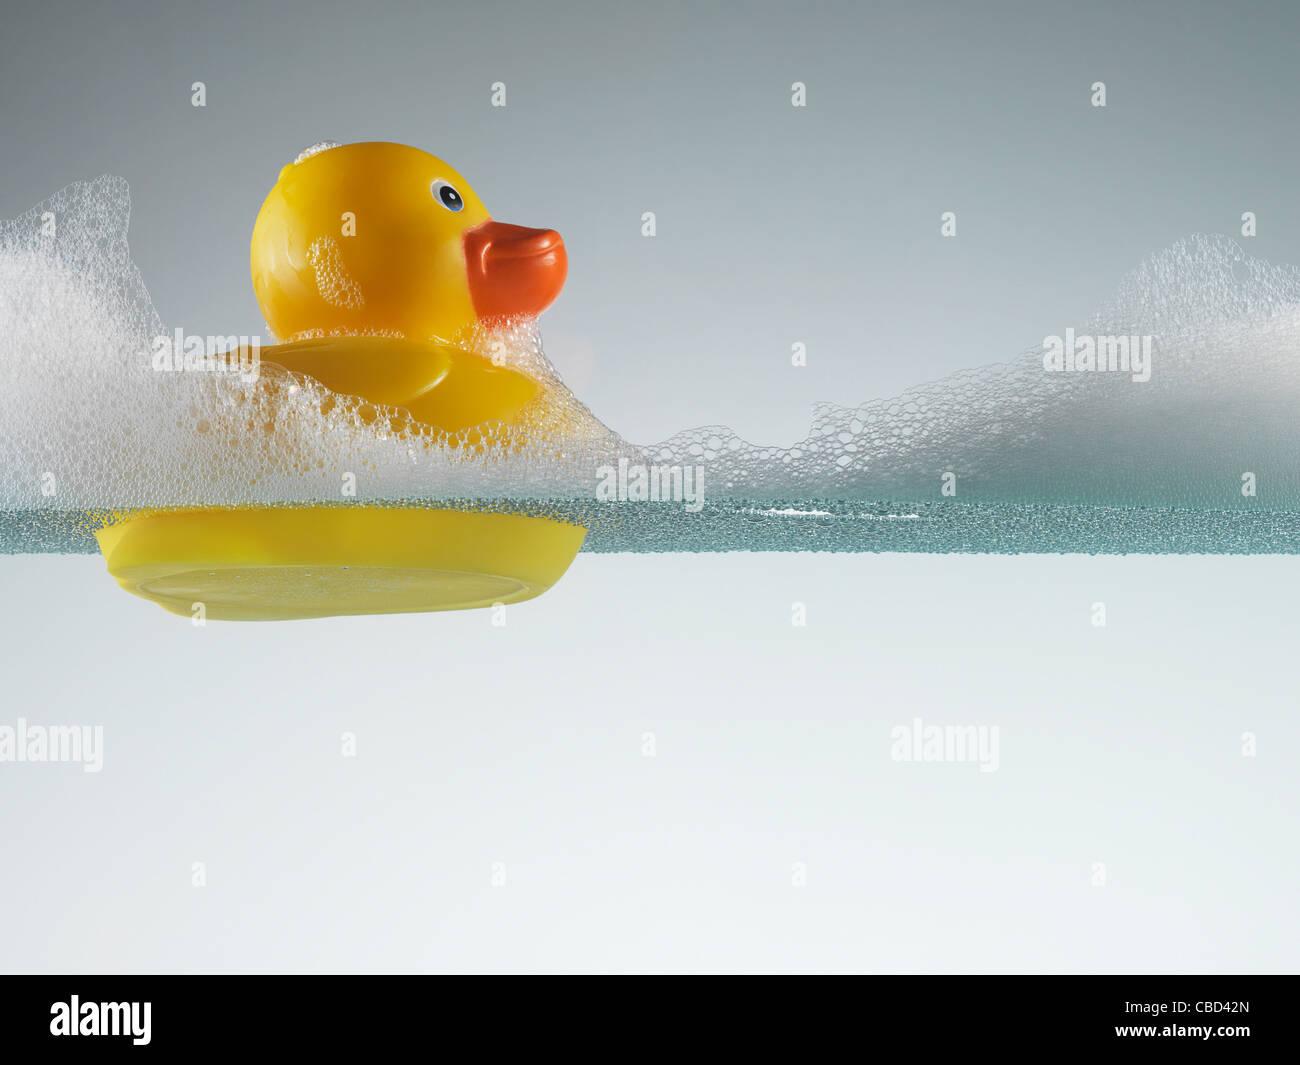 Canard en caoutchouc flottant dans l'eau savonneuse Photo Stock